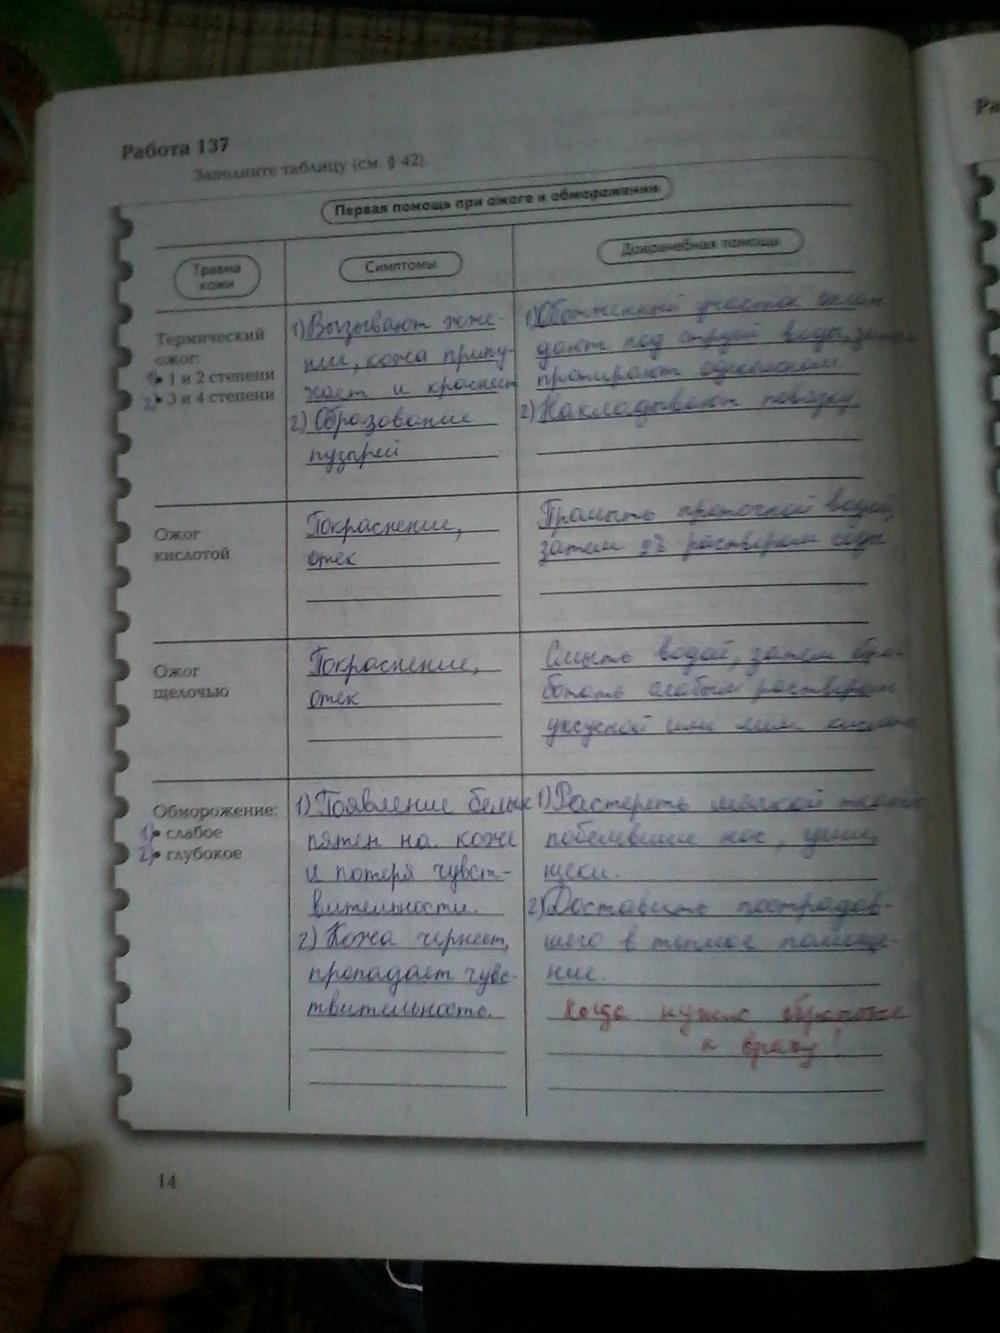 Гдз лабораторных работ по биологии 8 класс драгомилов